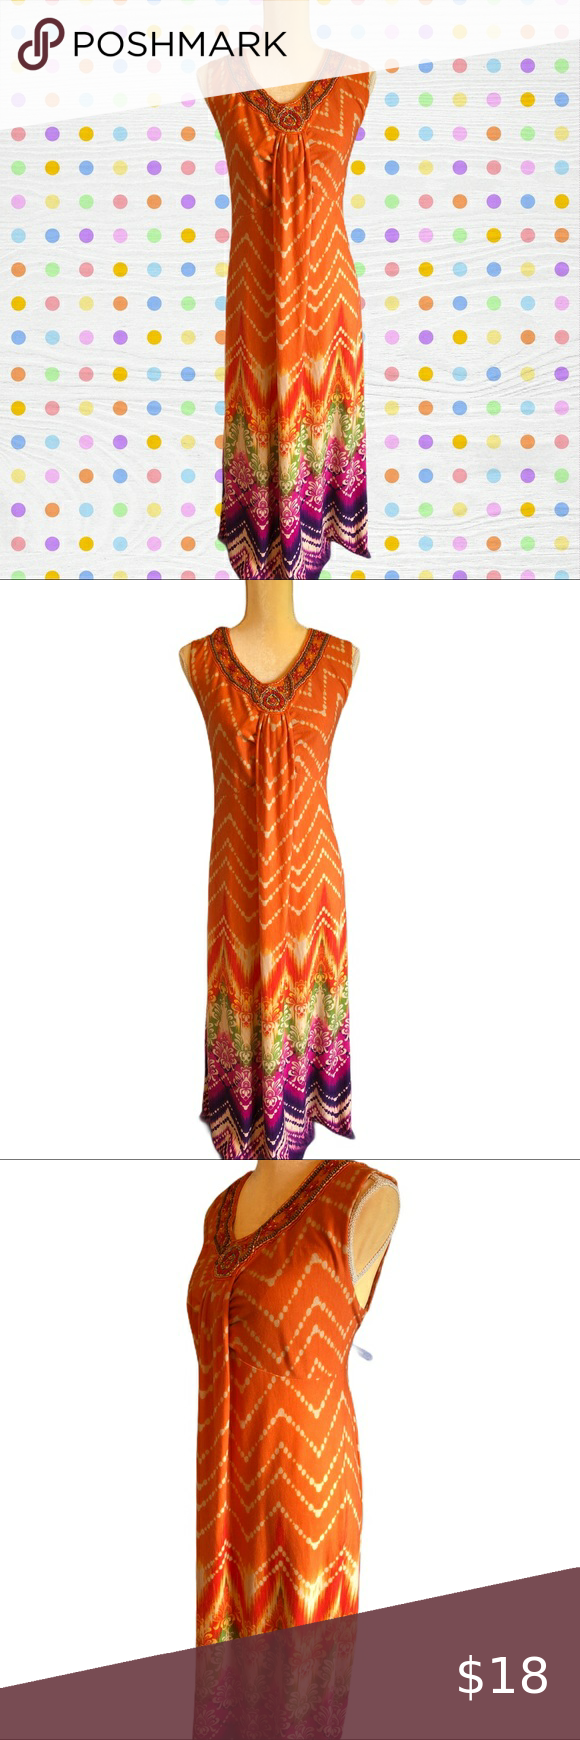 Jms Maxi Dress Stretchy Cute Maxi Dress Summer Maxi Dress Dresses [ 1740 x 580 Pixel ]